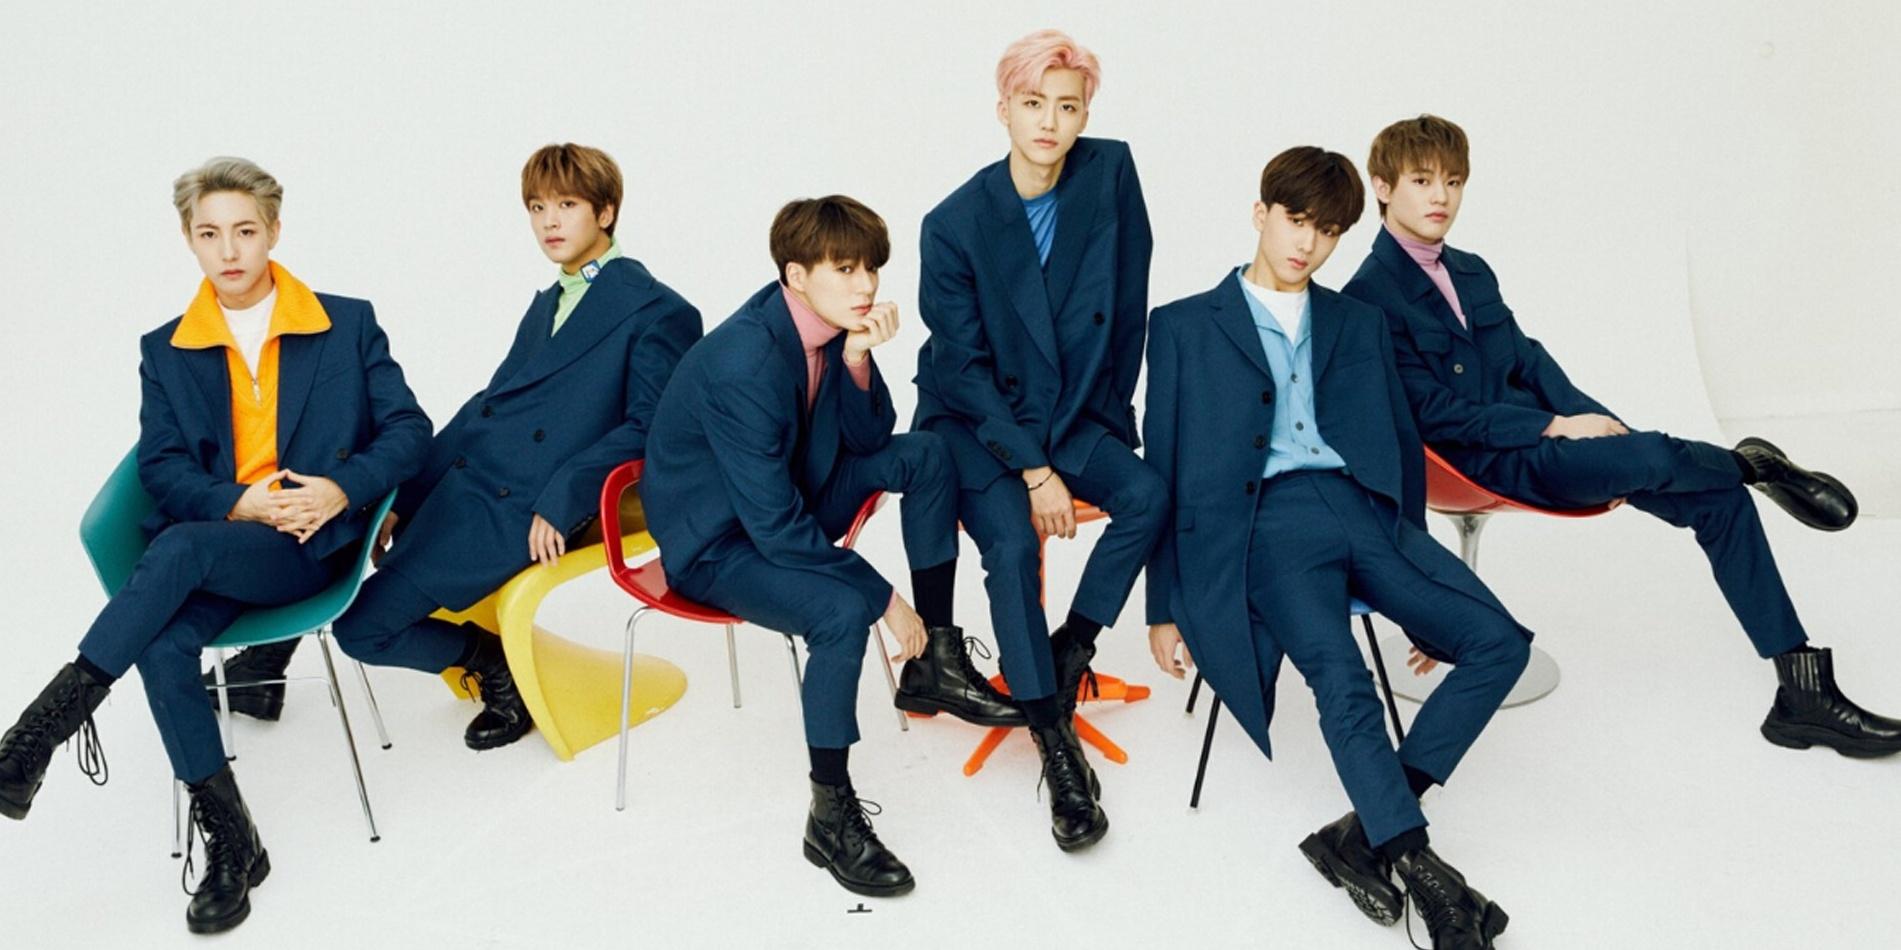 NCT DREAM's Singapore concert has been postponed